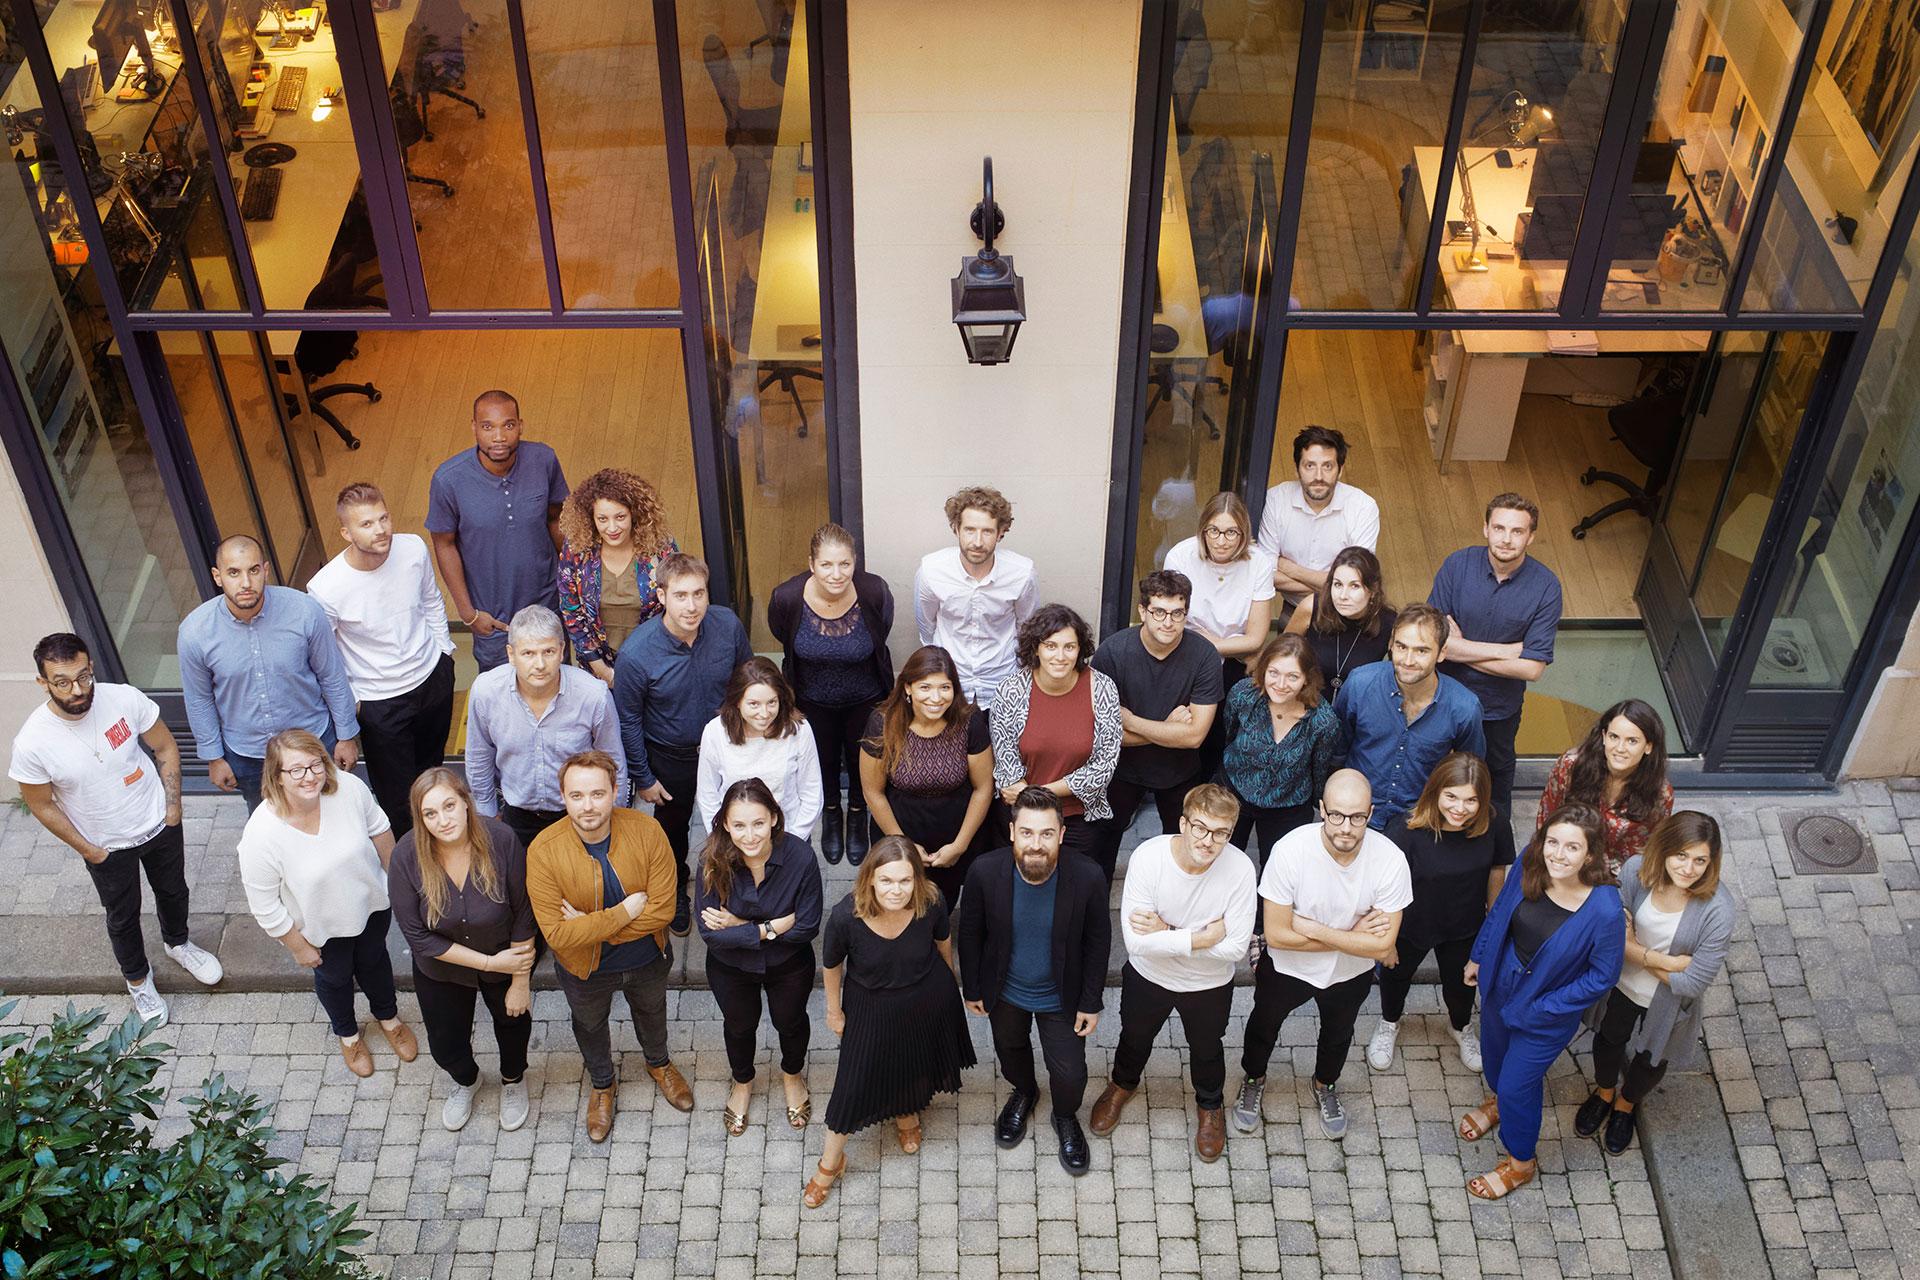 saa-architectes-equipe-2018_1920x1280